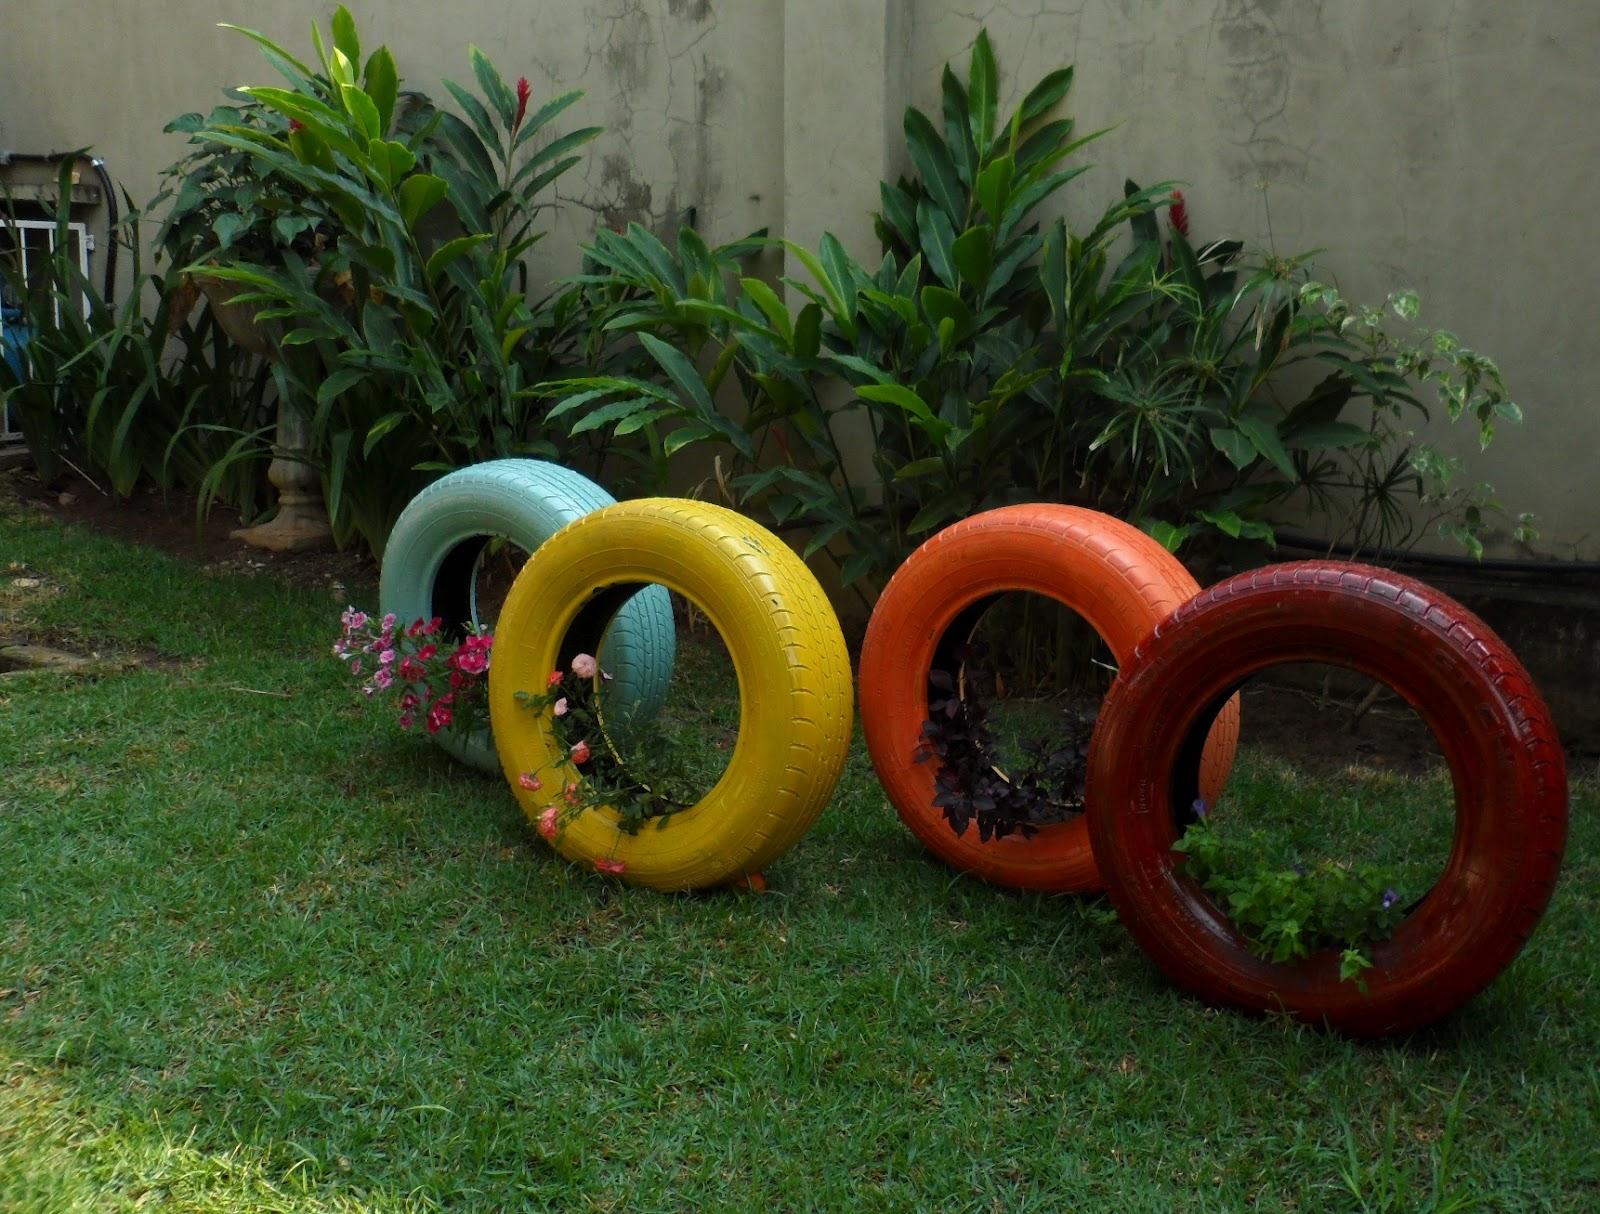 fotos com ideias para usar os pneus velhos da sua casa no seu jardim  #B33918 1600x1214